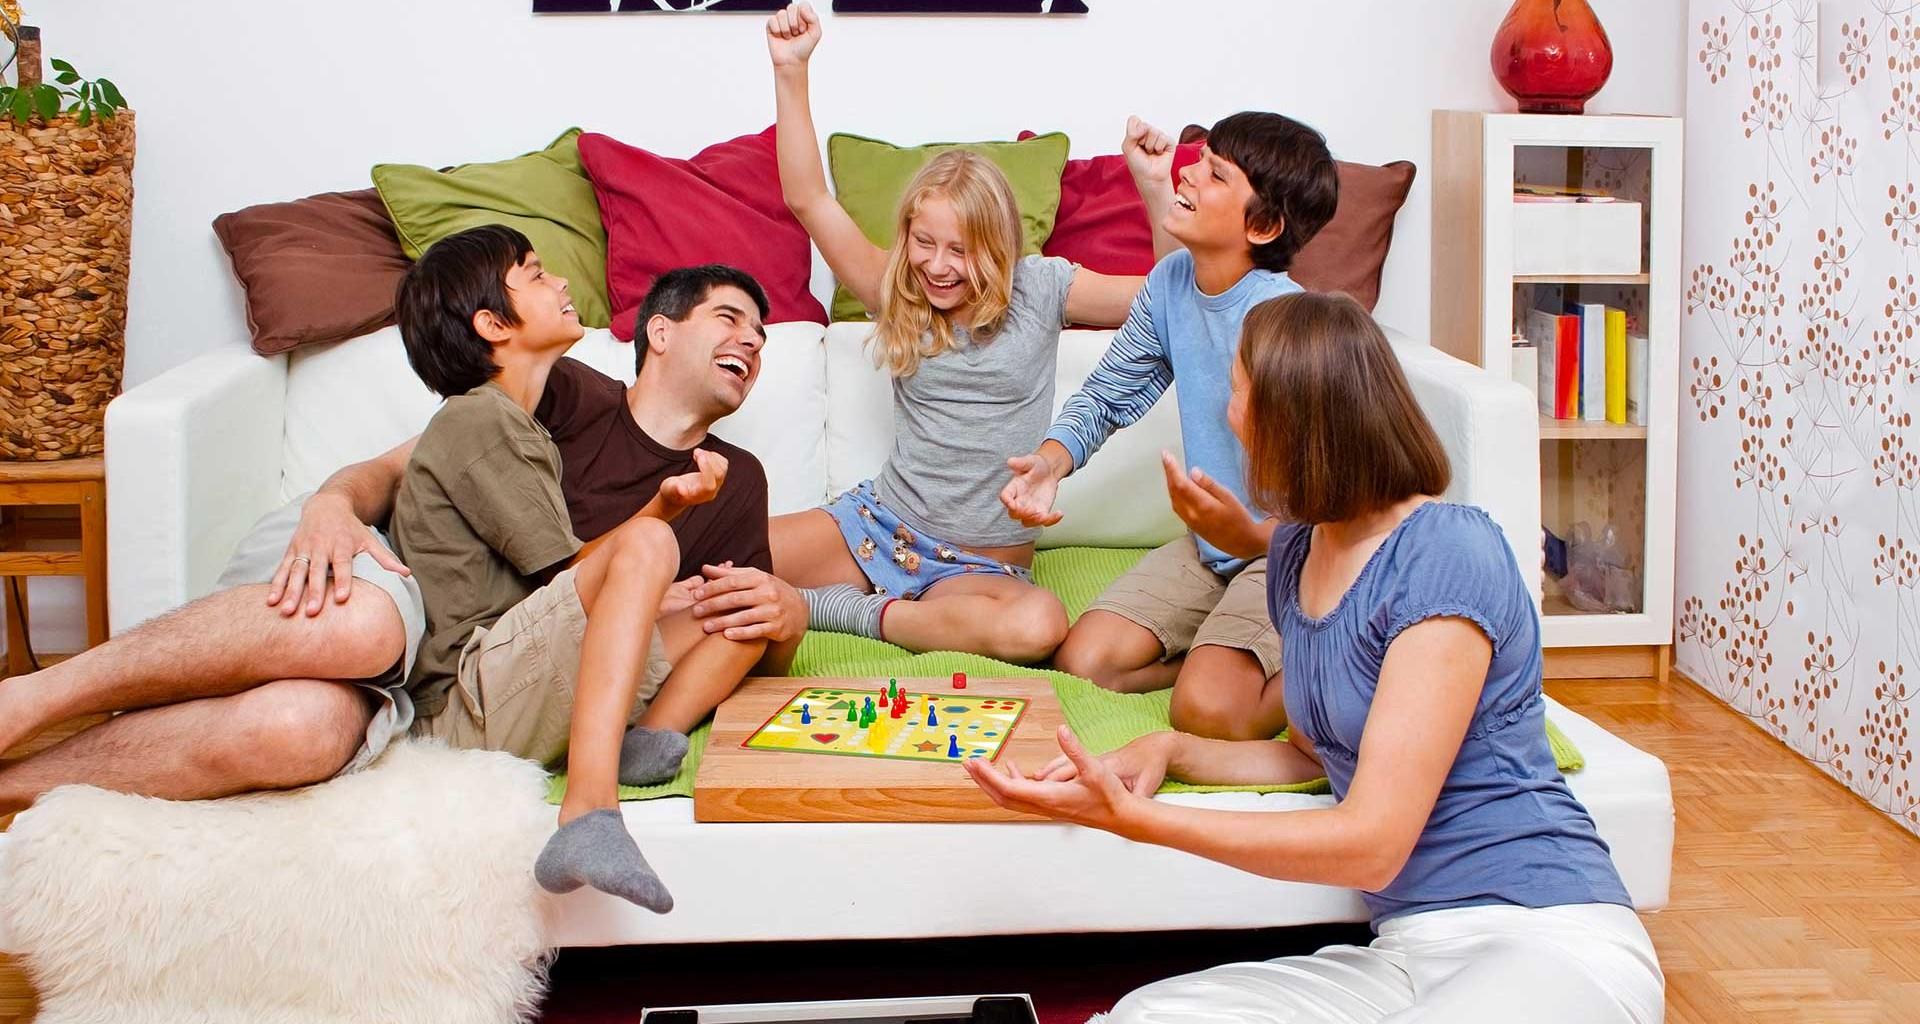 Vacaciones en casa? 50 ideas para pasarla diferente en el hogar ...